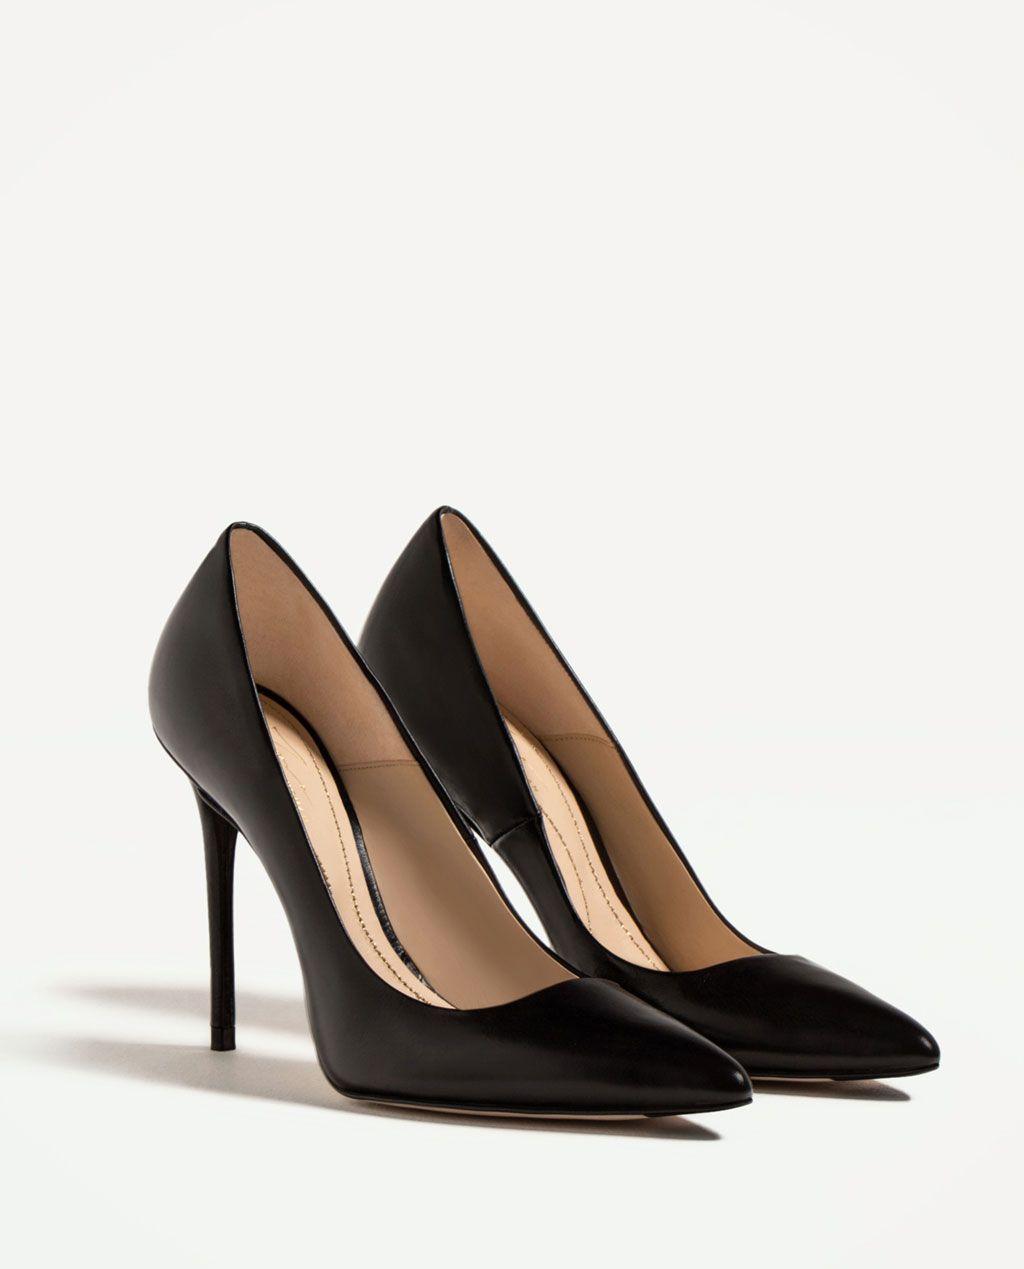 Piel Zapatos Tac Ón Ver Todo Zapato Edition Limited Zara Mujer qA7xwxFT e60e4828dca0a